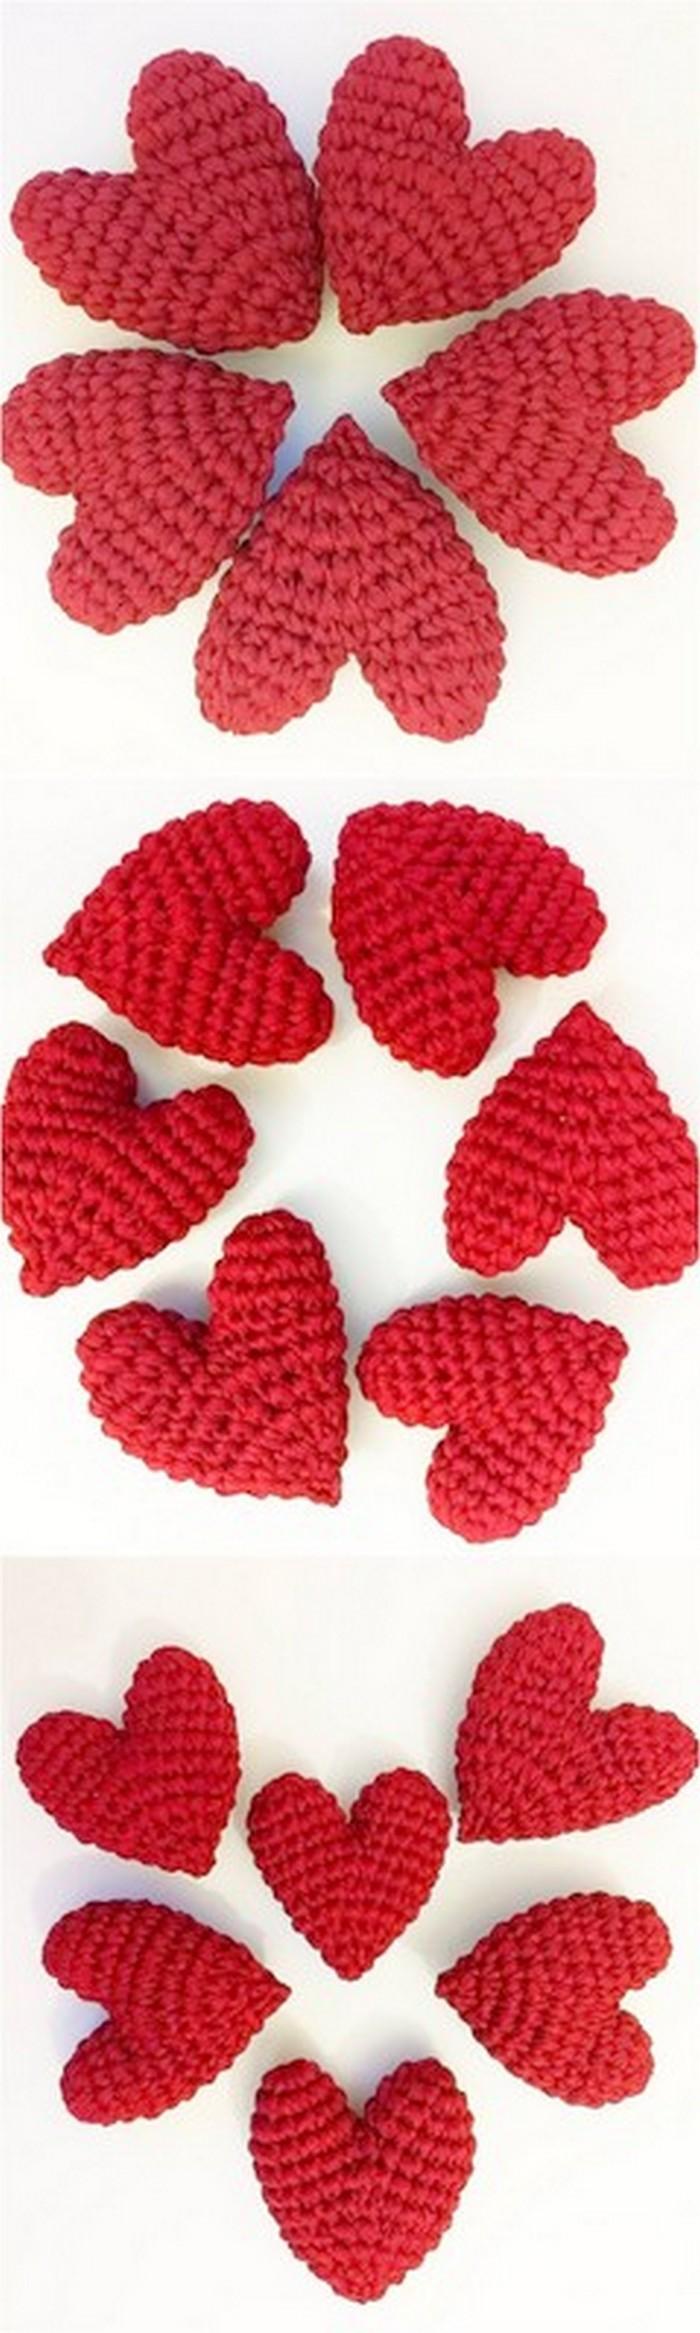 Beautiful Heart Design Free Crochet Pattern